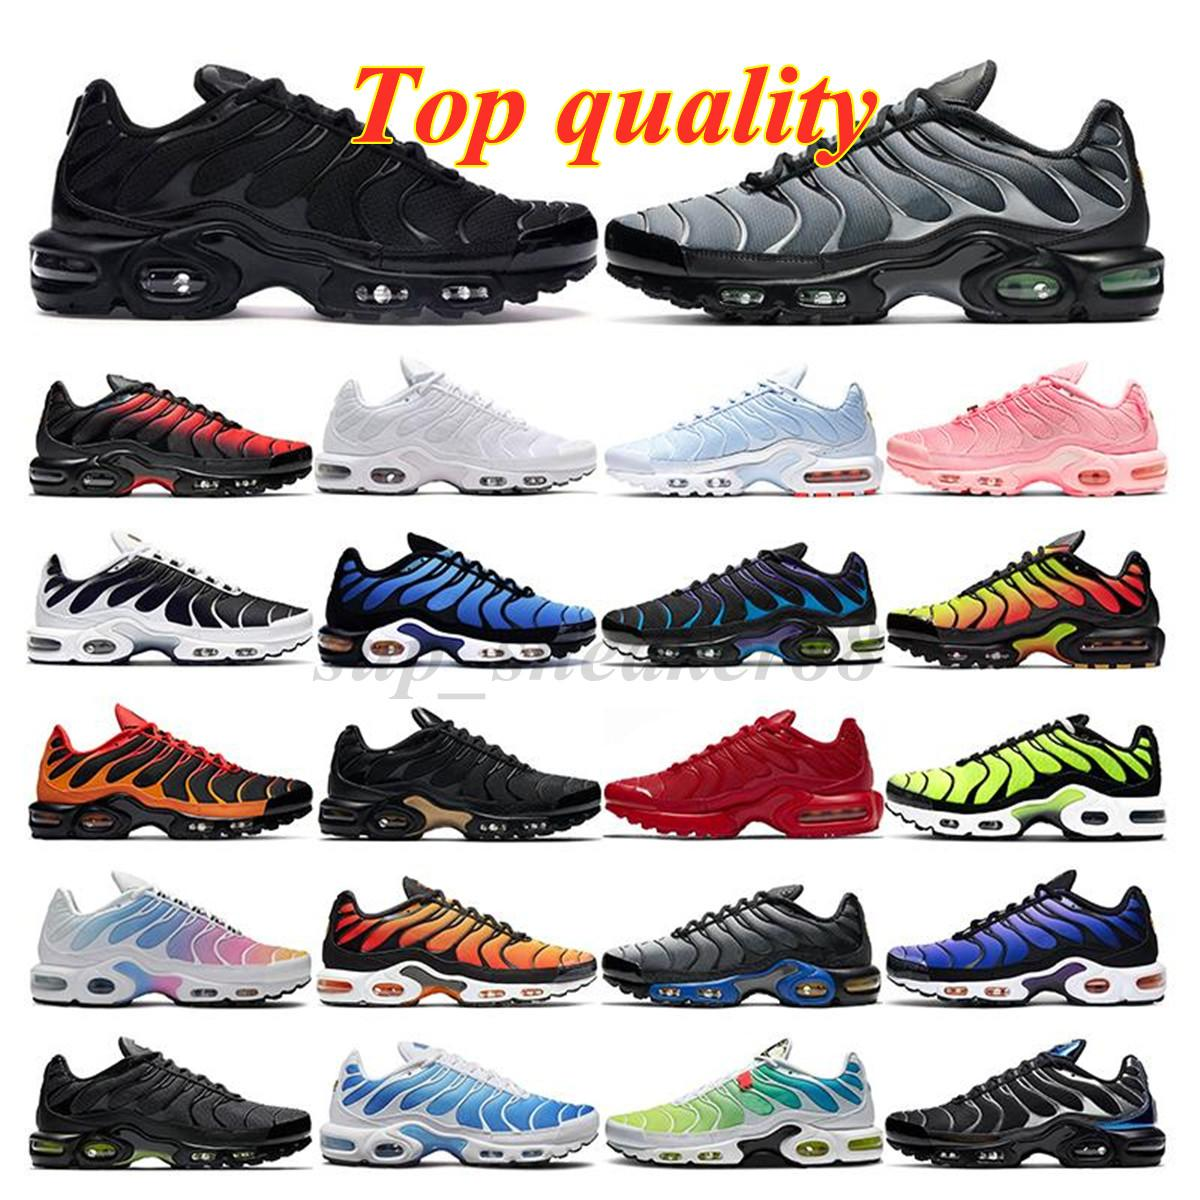 2021 TN Artı Koşu Ayakkabıları Erkek Siyah Beyaz Volt Glow Hiper Pastel Mavi Oreo Kadınlar Nefes Sneaker Eğitmen Açık Spor Ayakkabı Boyutu 36-45